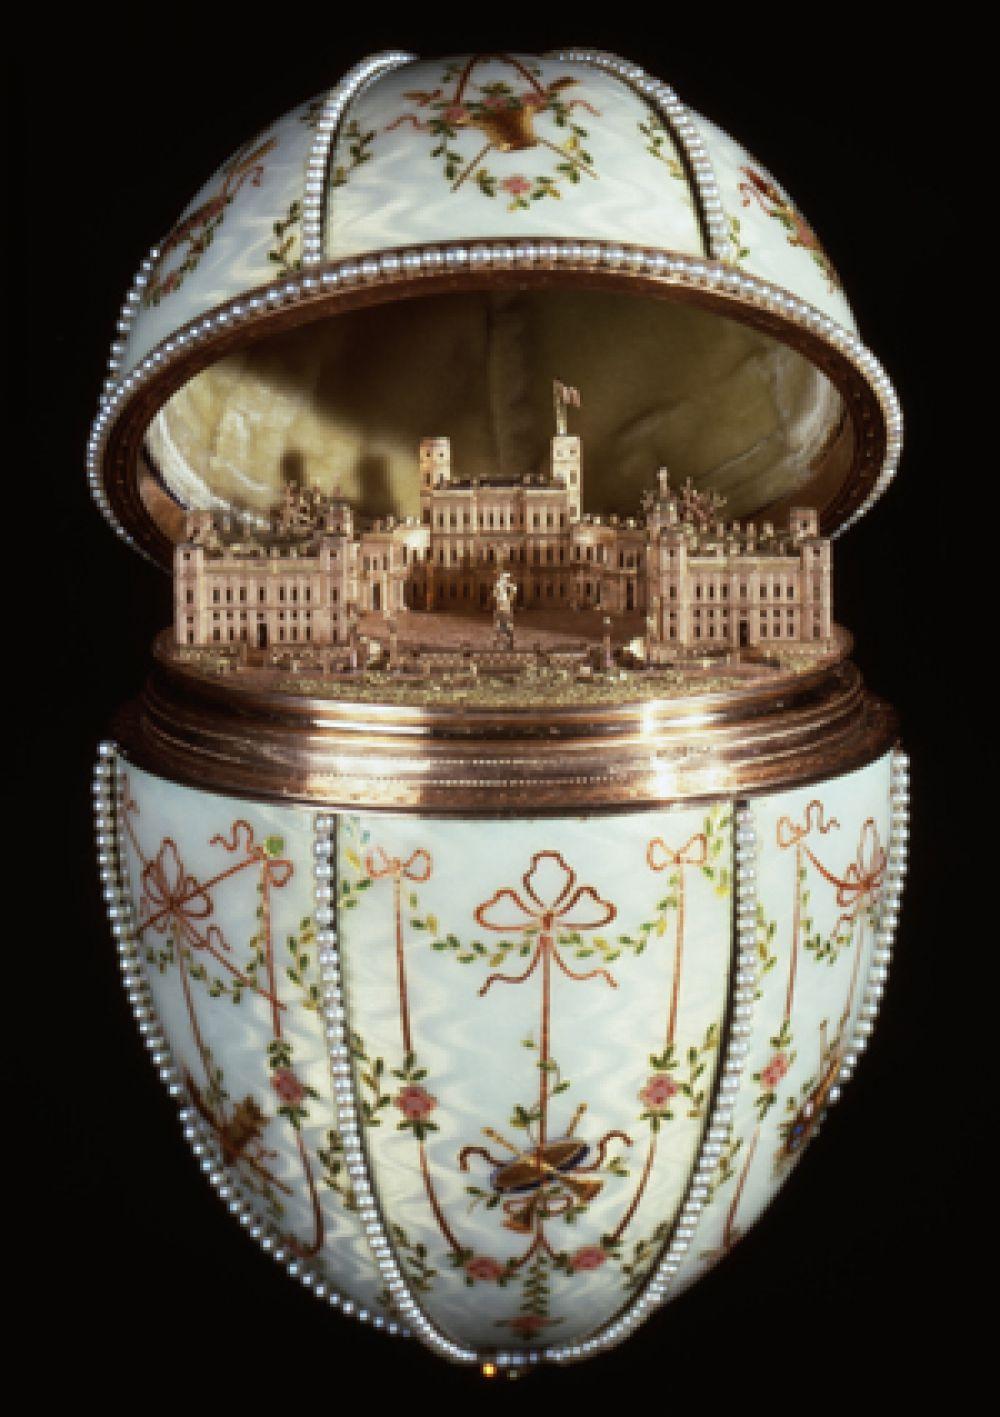 «Гатчинский дворец», 1901 год. Изображение главной загородной резиденции вдовствующей императрицы.